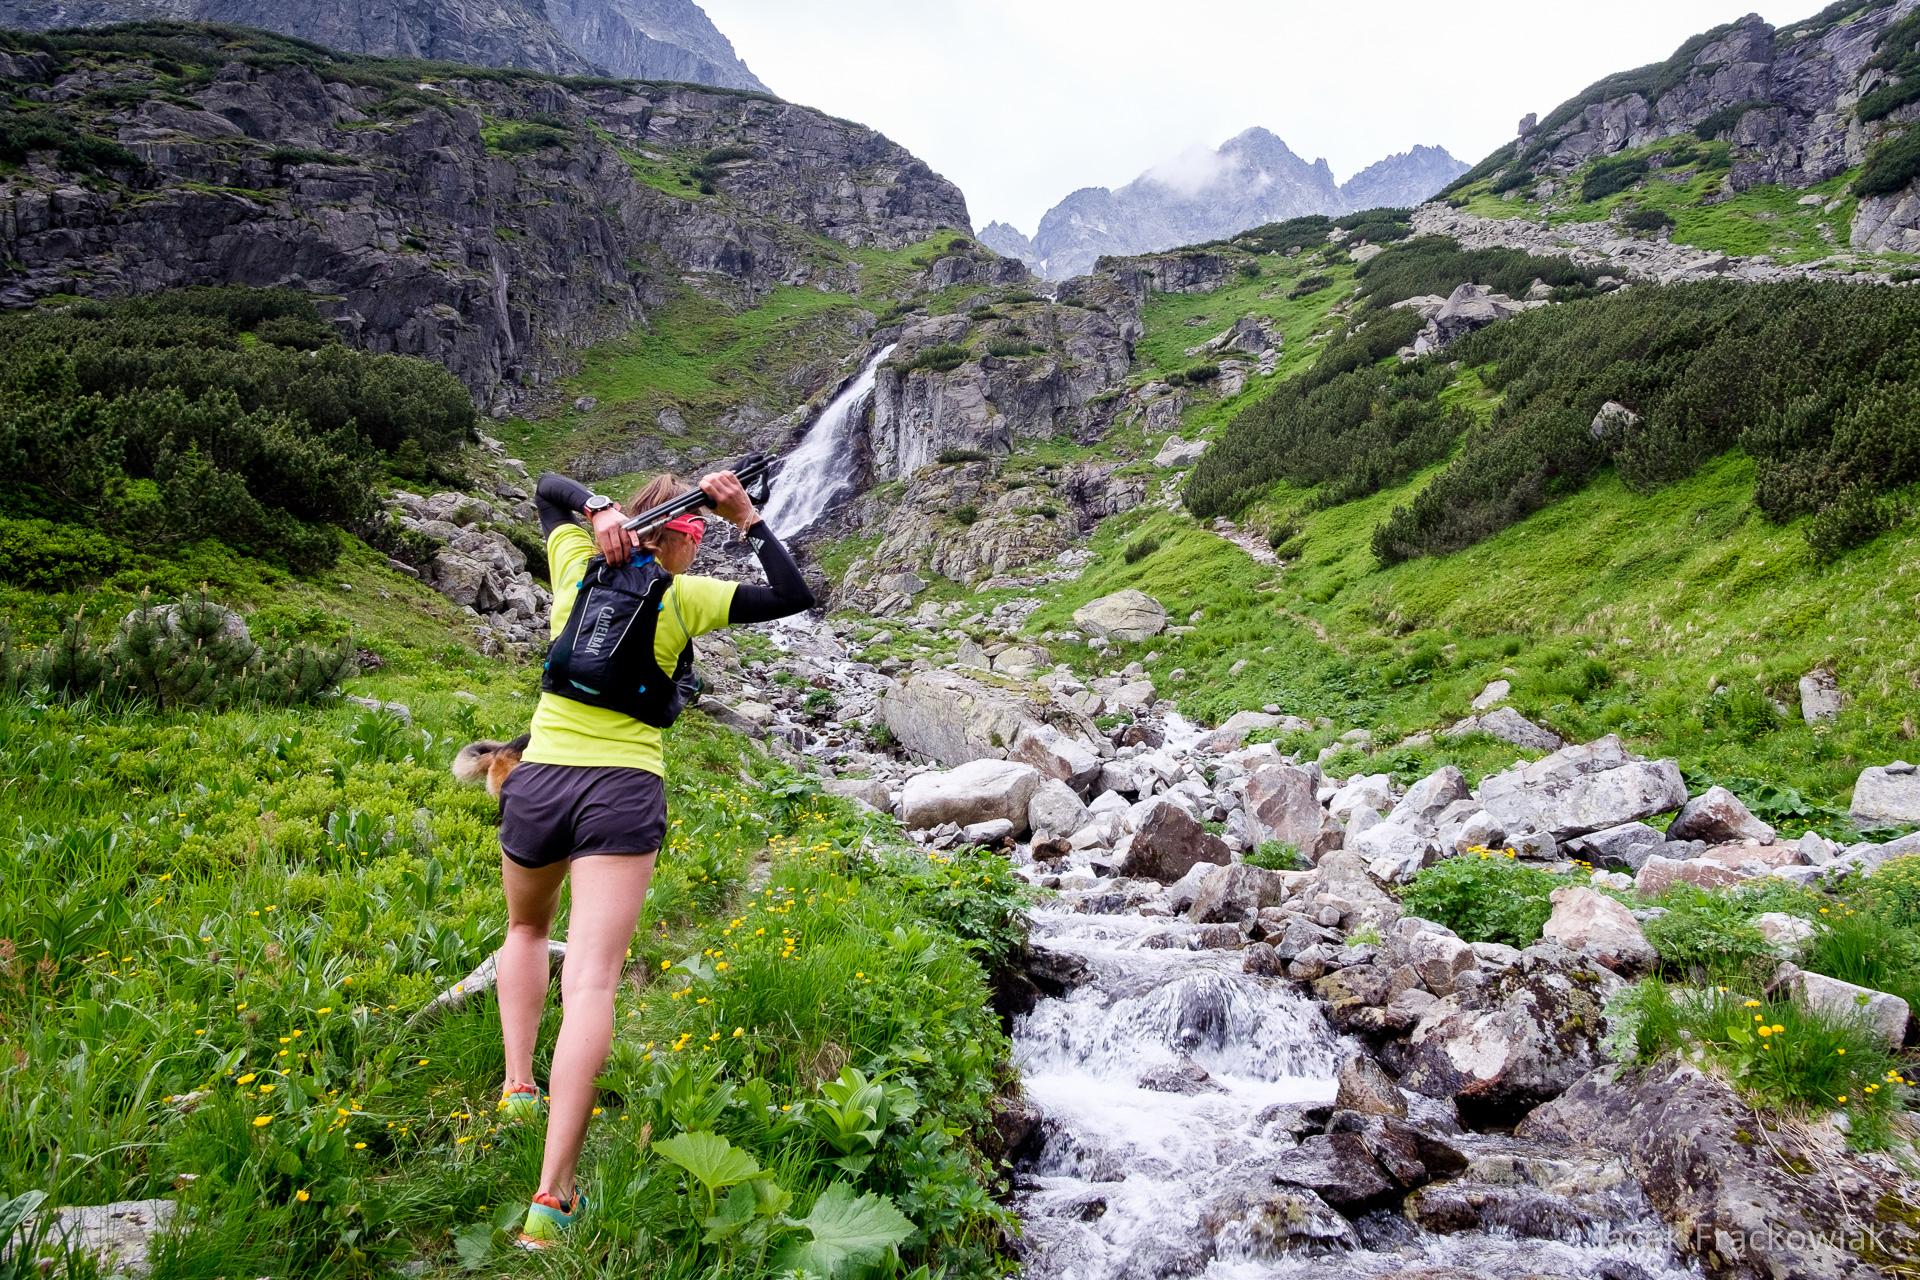 Kamizelka biegowa CamelBak Ulra Pro Vest, Tatry Wysokie, Dolina Ciężka